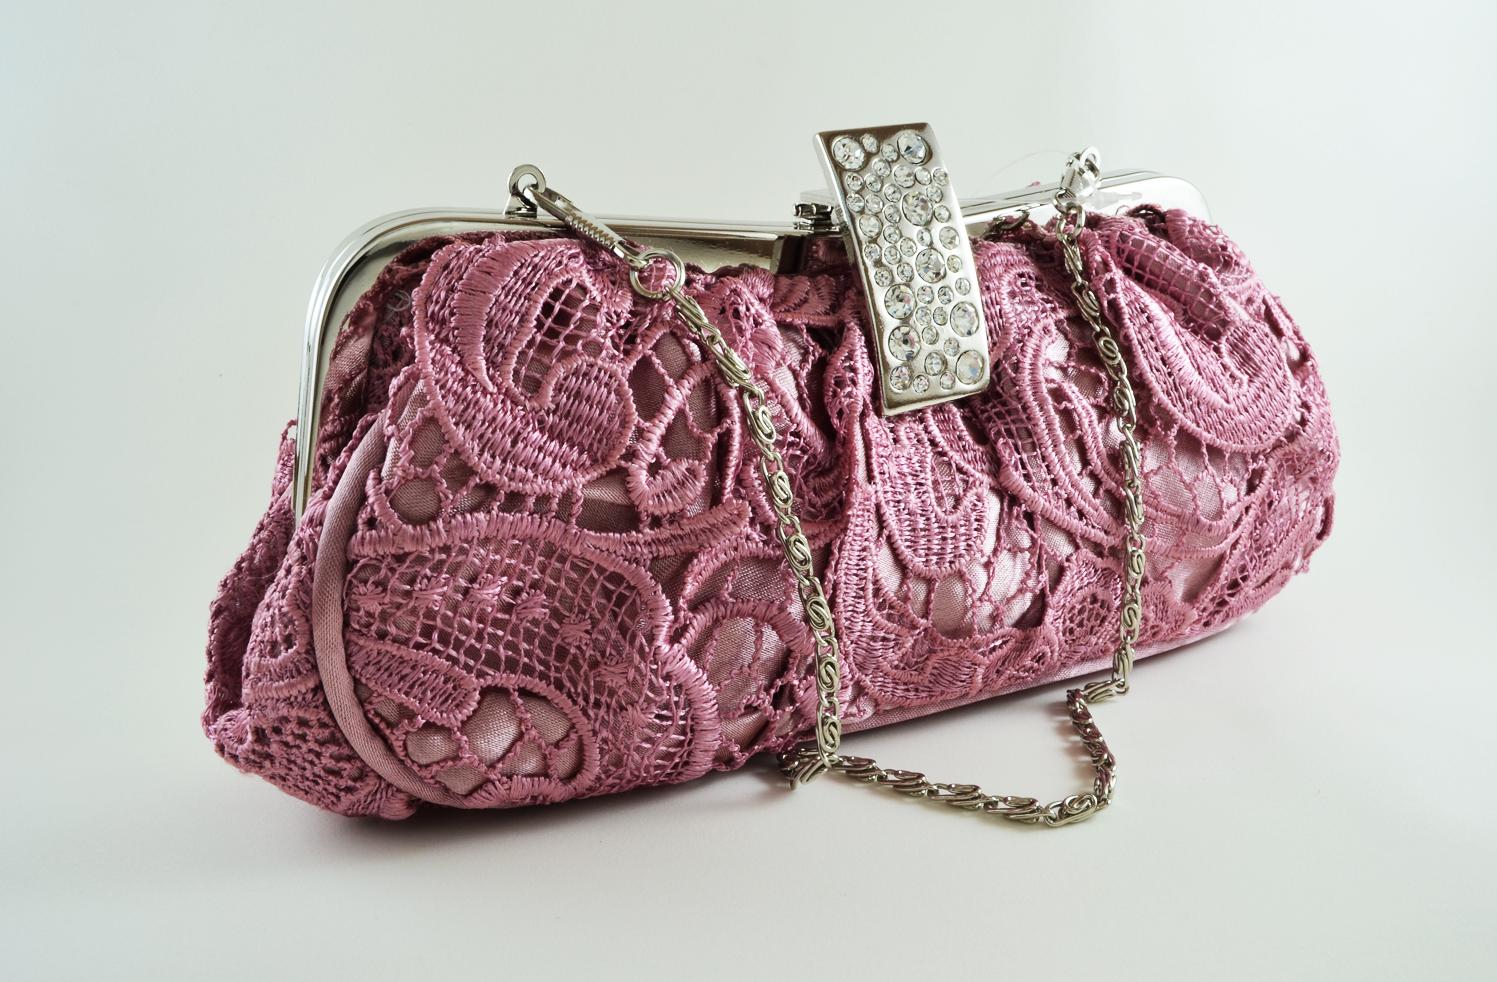 Bolsa De Festa Rose : Estamos prontas para as formaturas bolsa festa rosa spazio